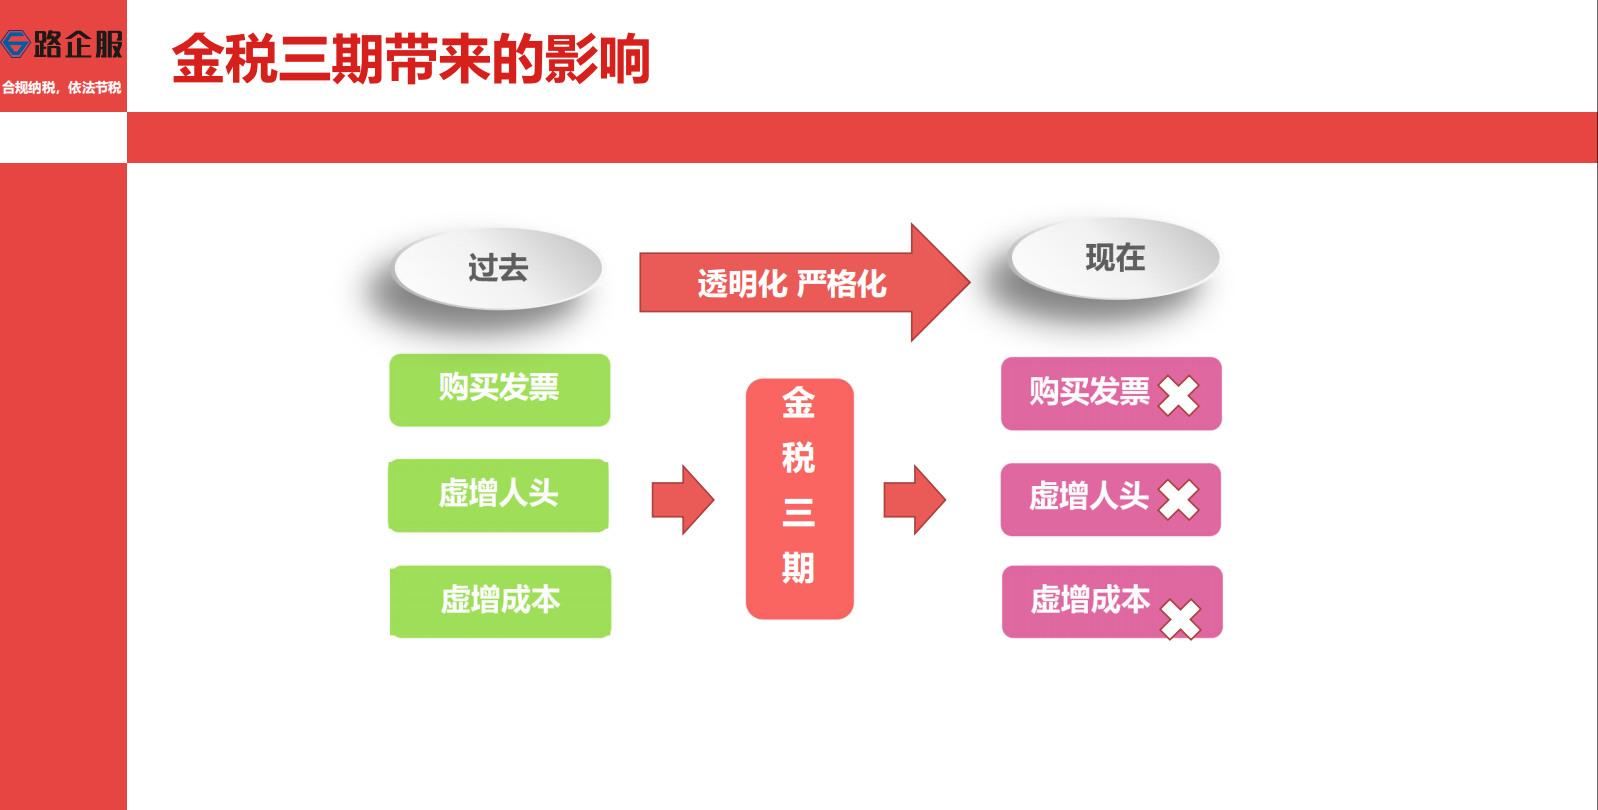 四川合法避税方法,避税